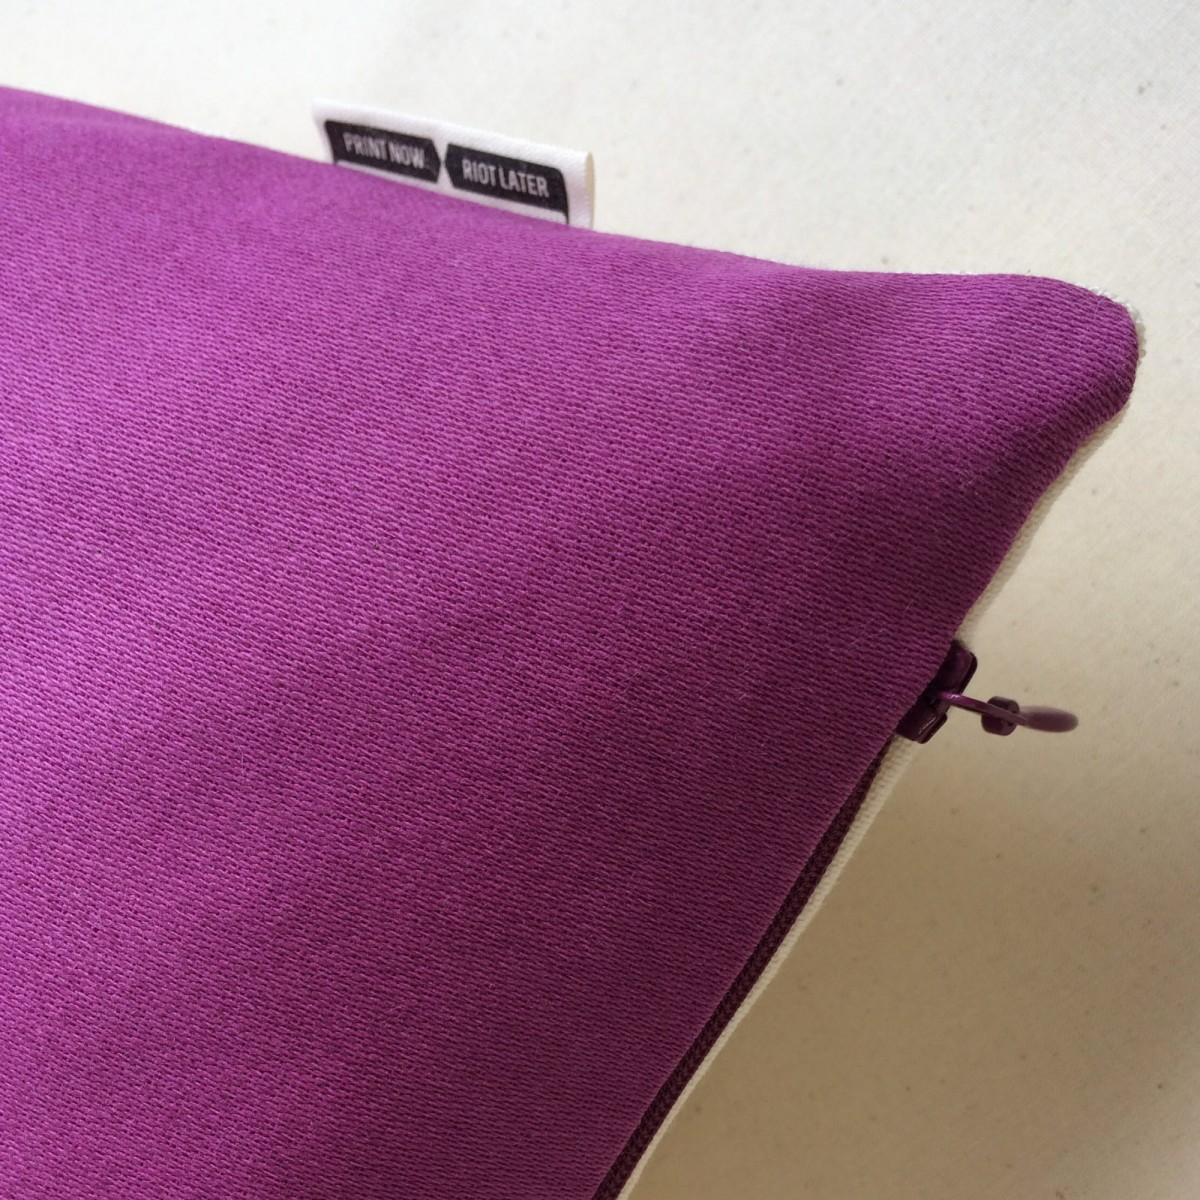 Print now - Riot later ● Kissen Sanddollar violett, Stoffsiebdruck